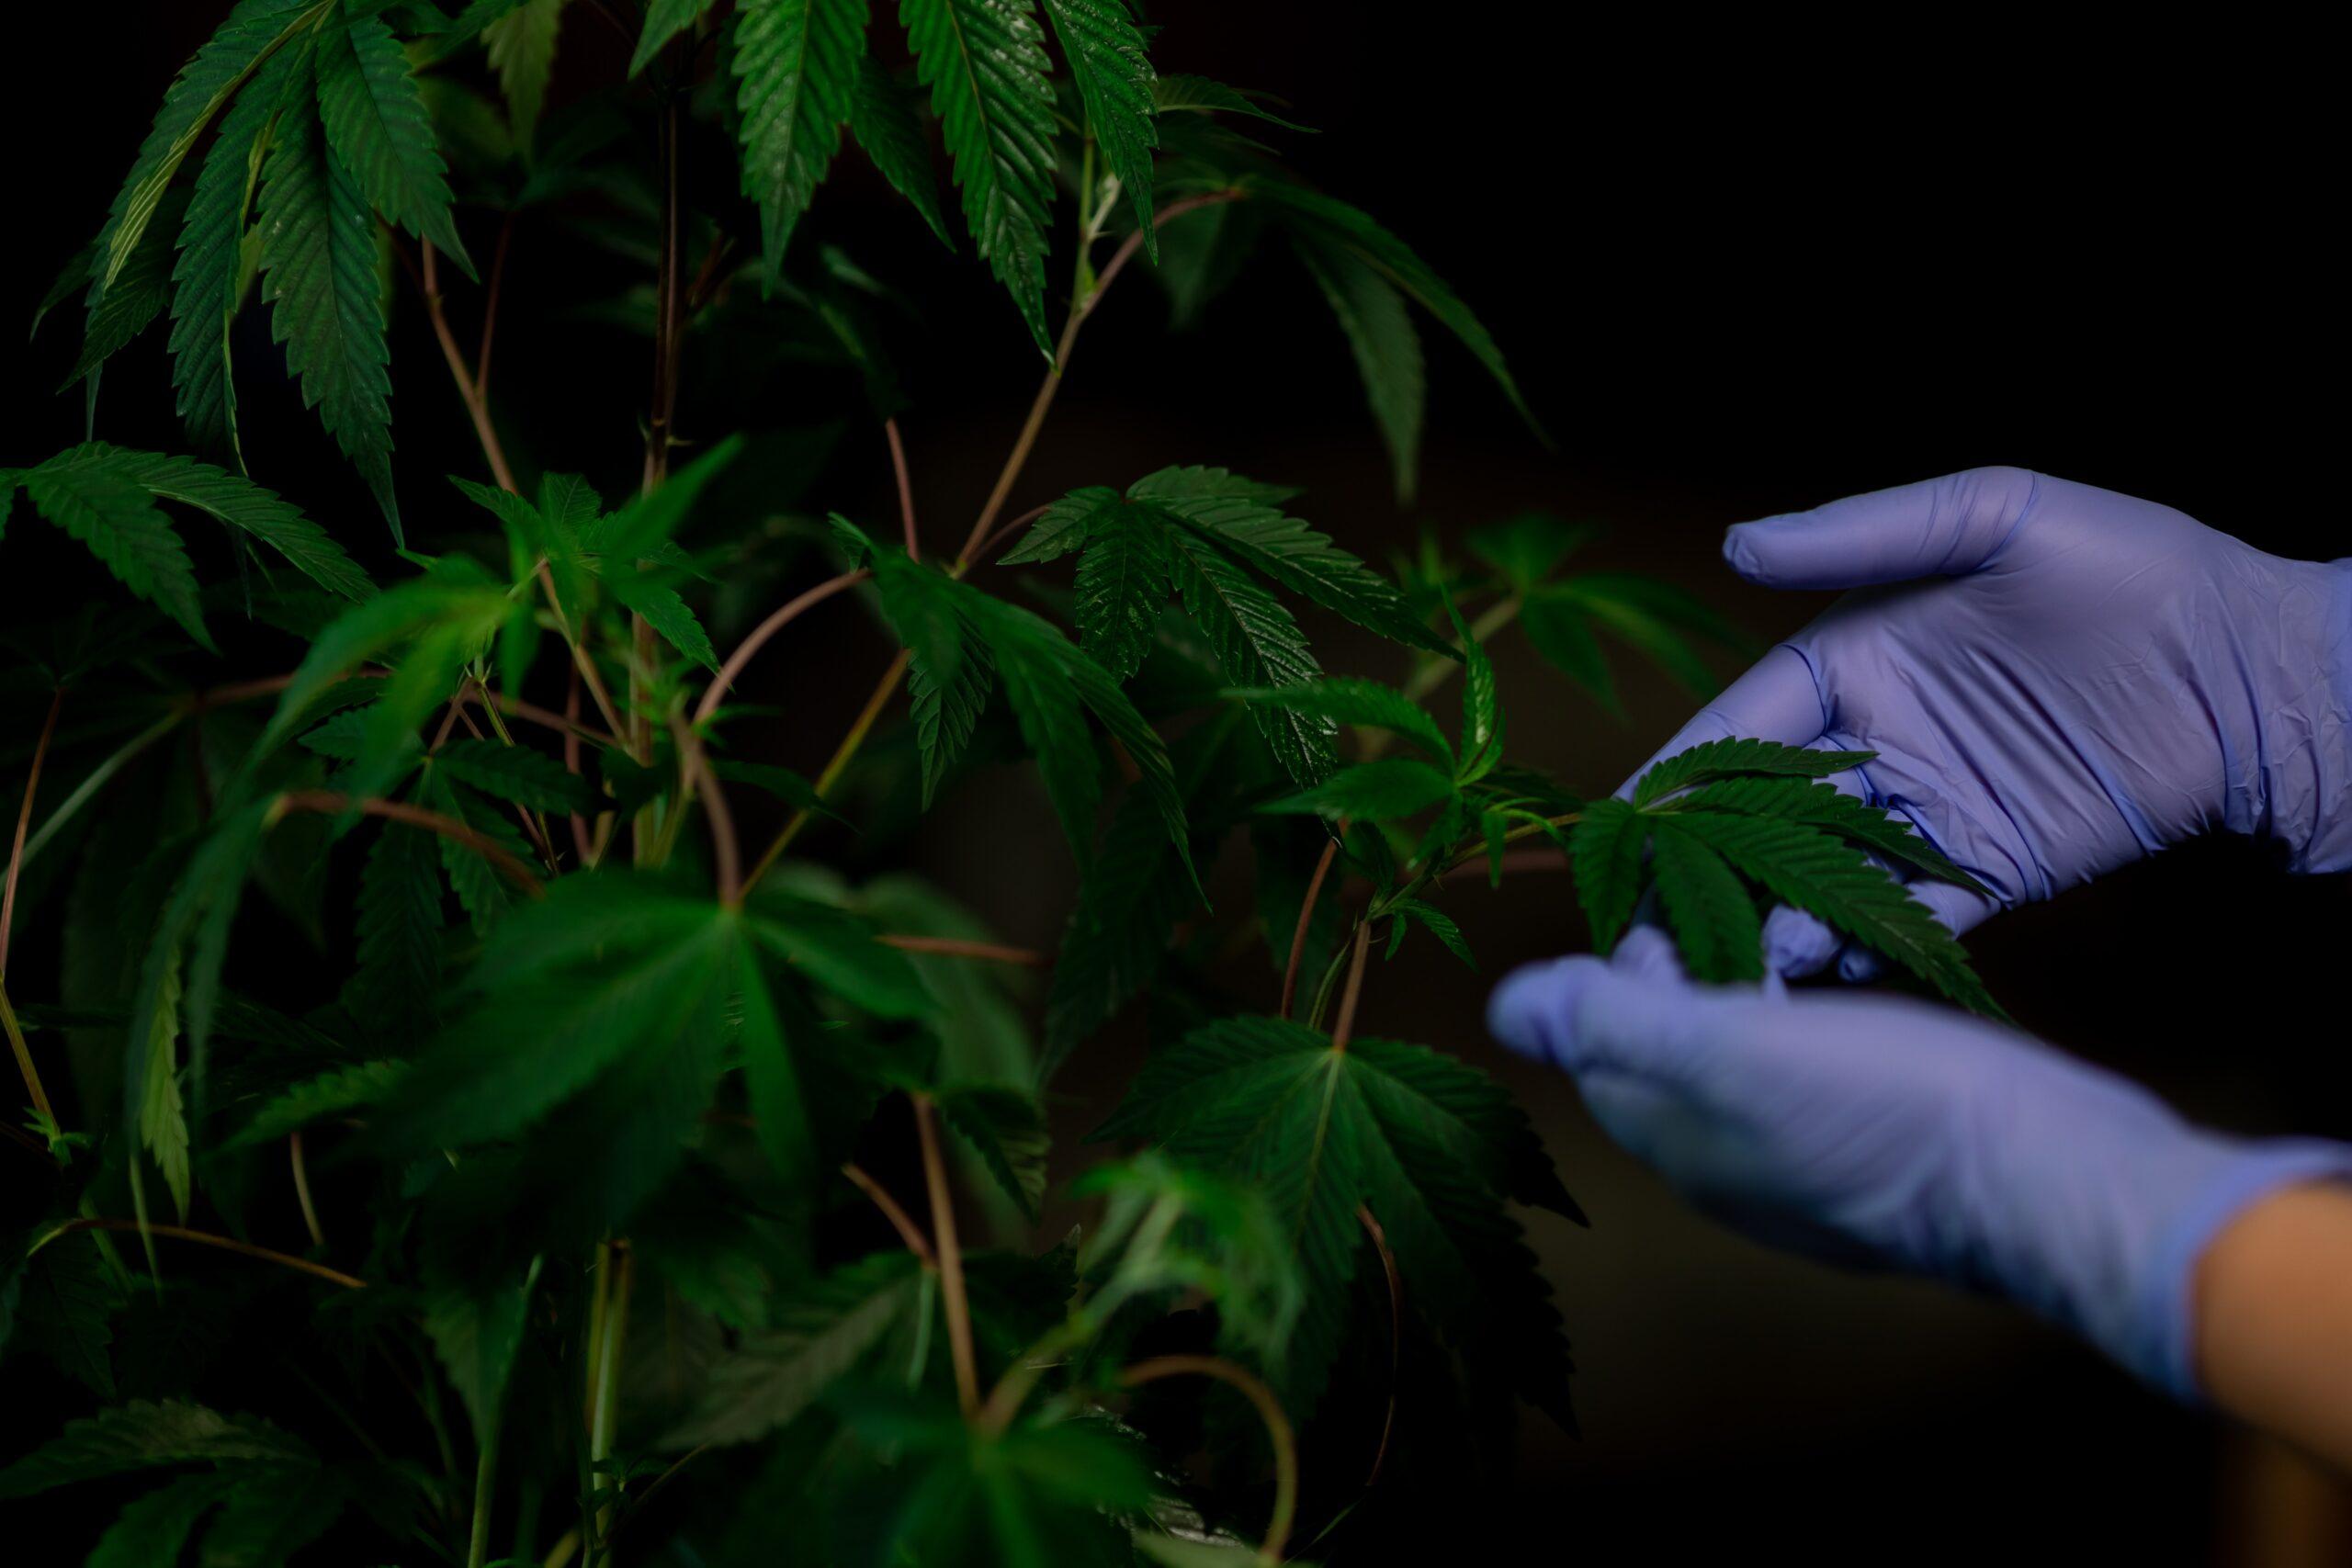 mains avec gants bleu tenant une feuille de cannabis